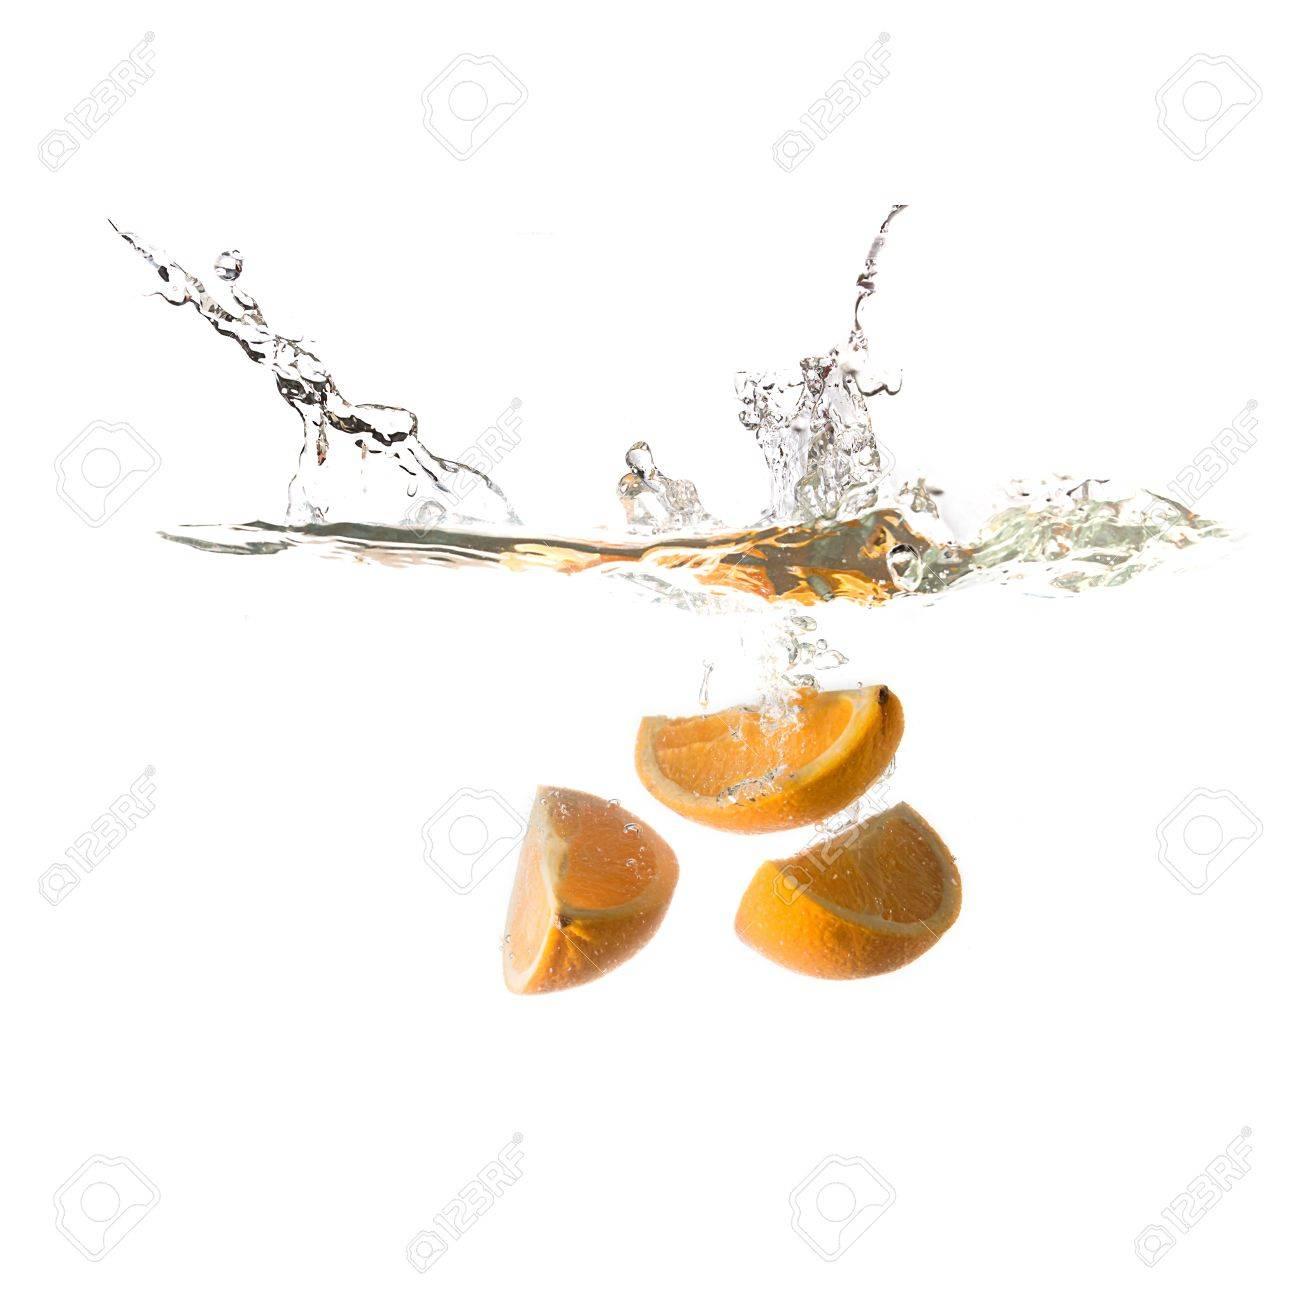 Orange Spritzen Auf Dem Wasser, Isoliert Auf Weißem Hintergrund ...